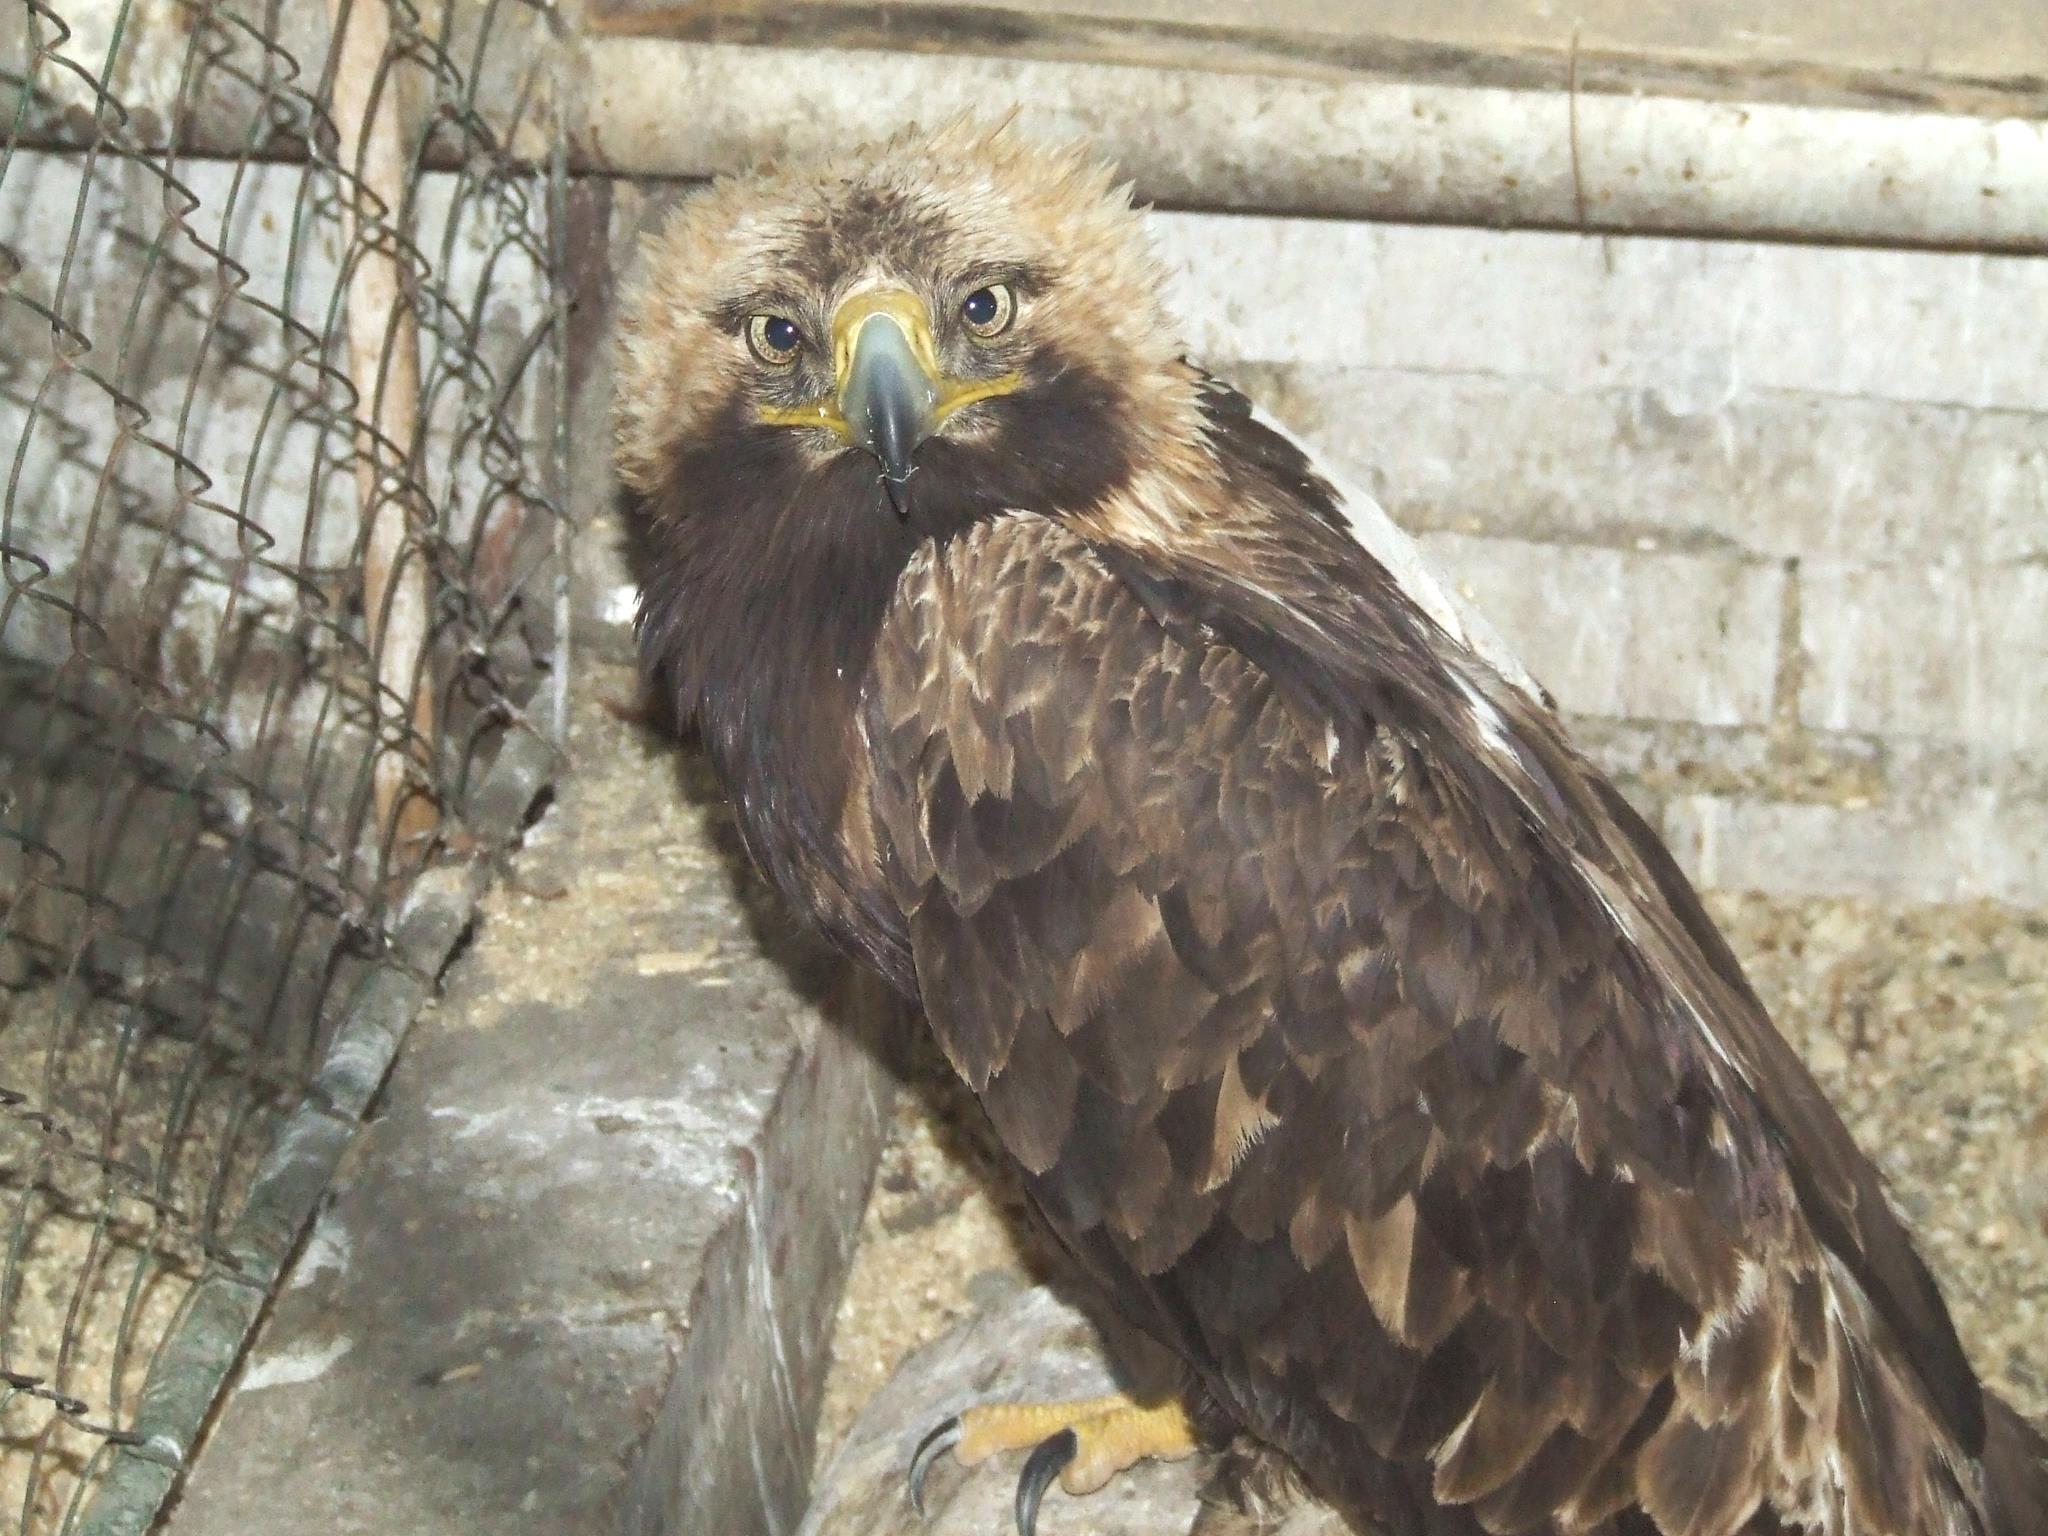 Раненый орёл-могильник, поступивший 1 апреля 2013 г. в Симбирский центр спасения диких птиц, после операции. Фото Г. Пилюгиной